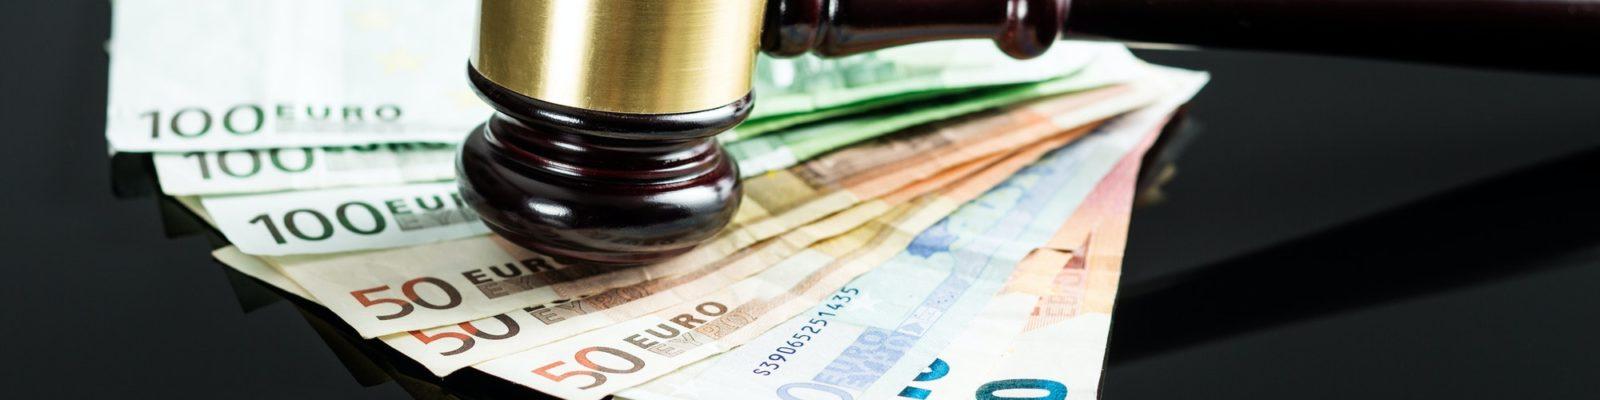 Gavel and euro money.